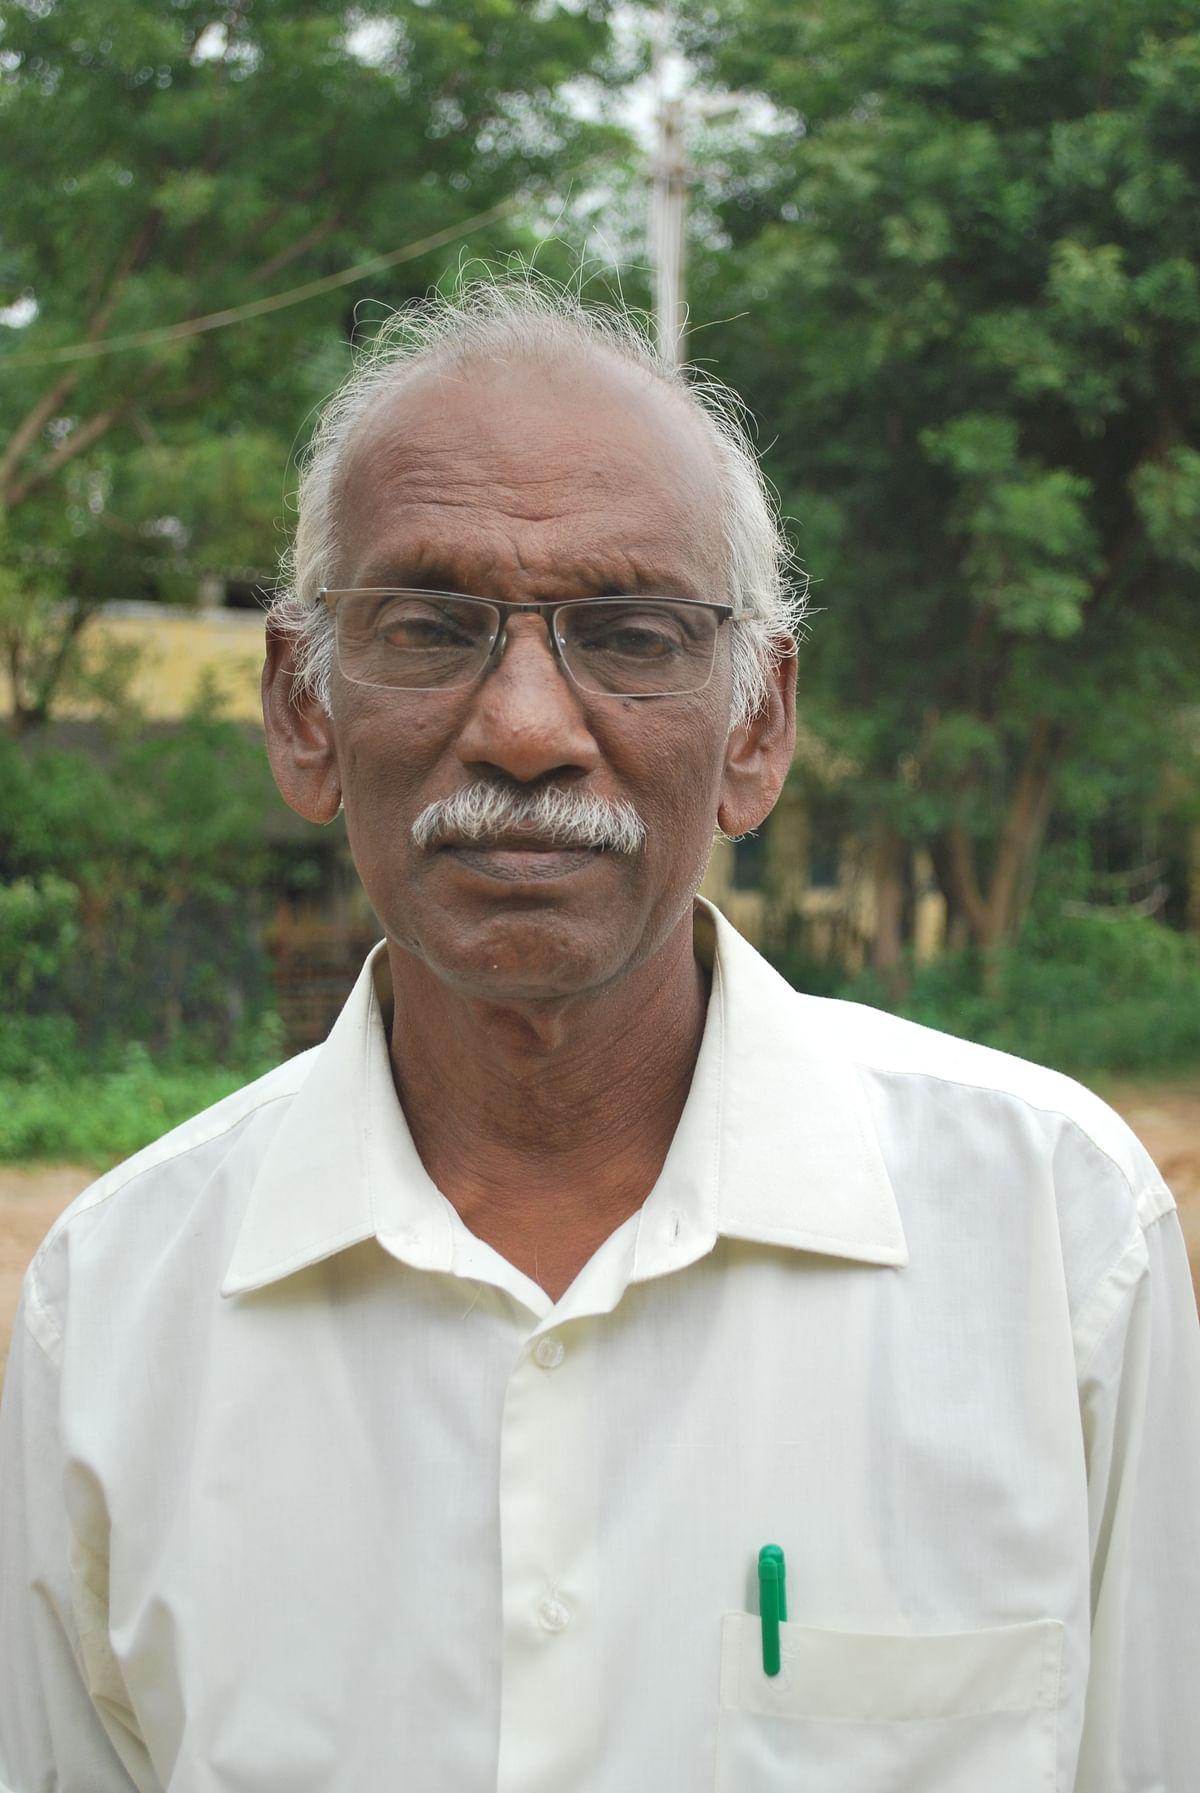 தென்னை விவசாயி வீரசேனன்